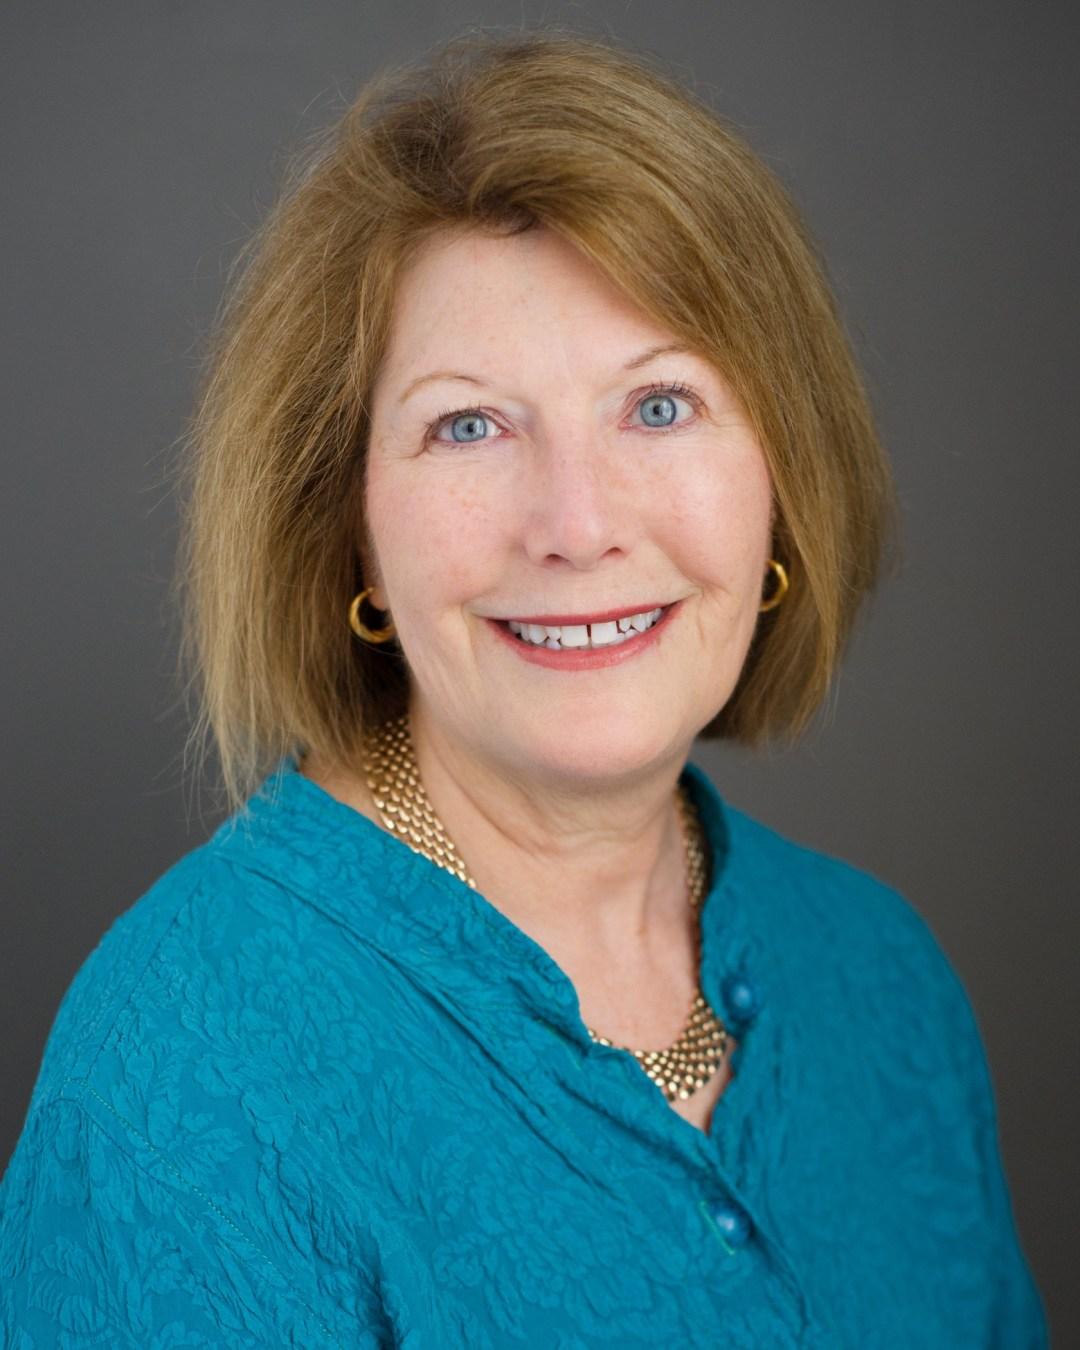 Rev. Carolyn Keilig